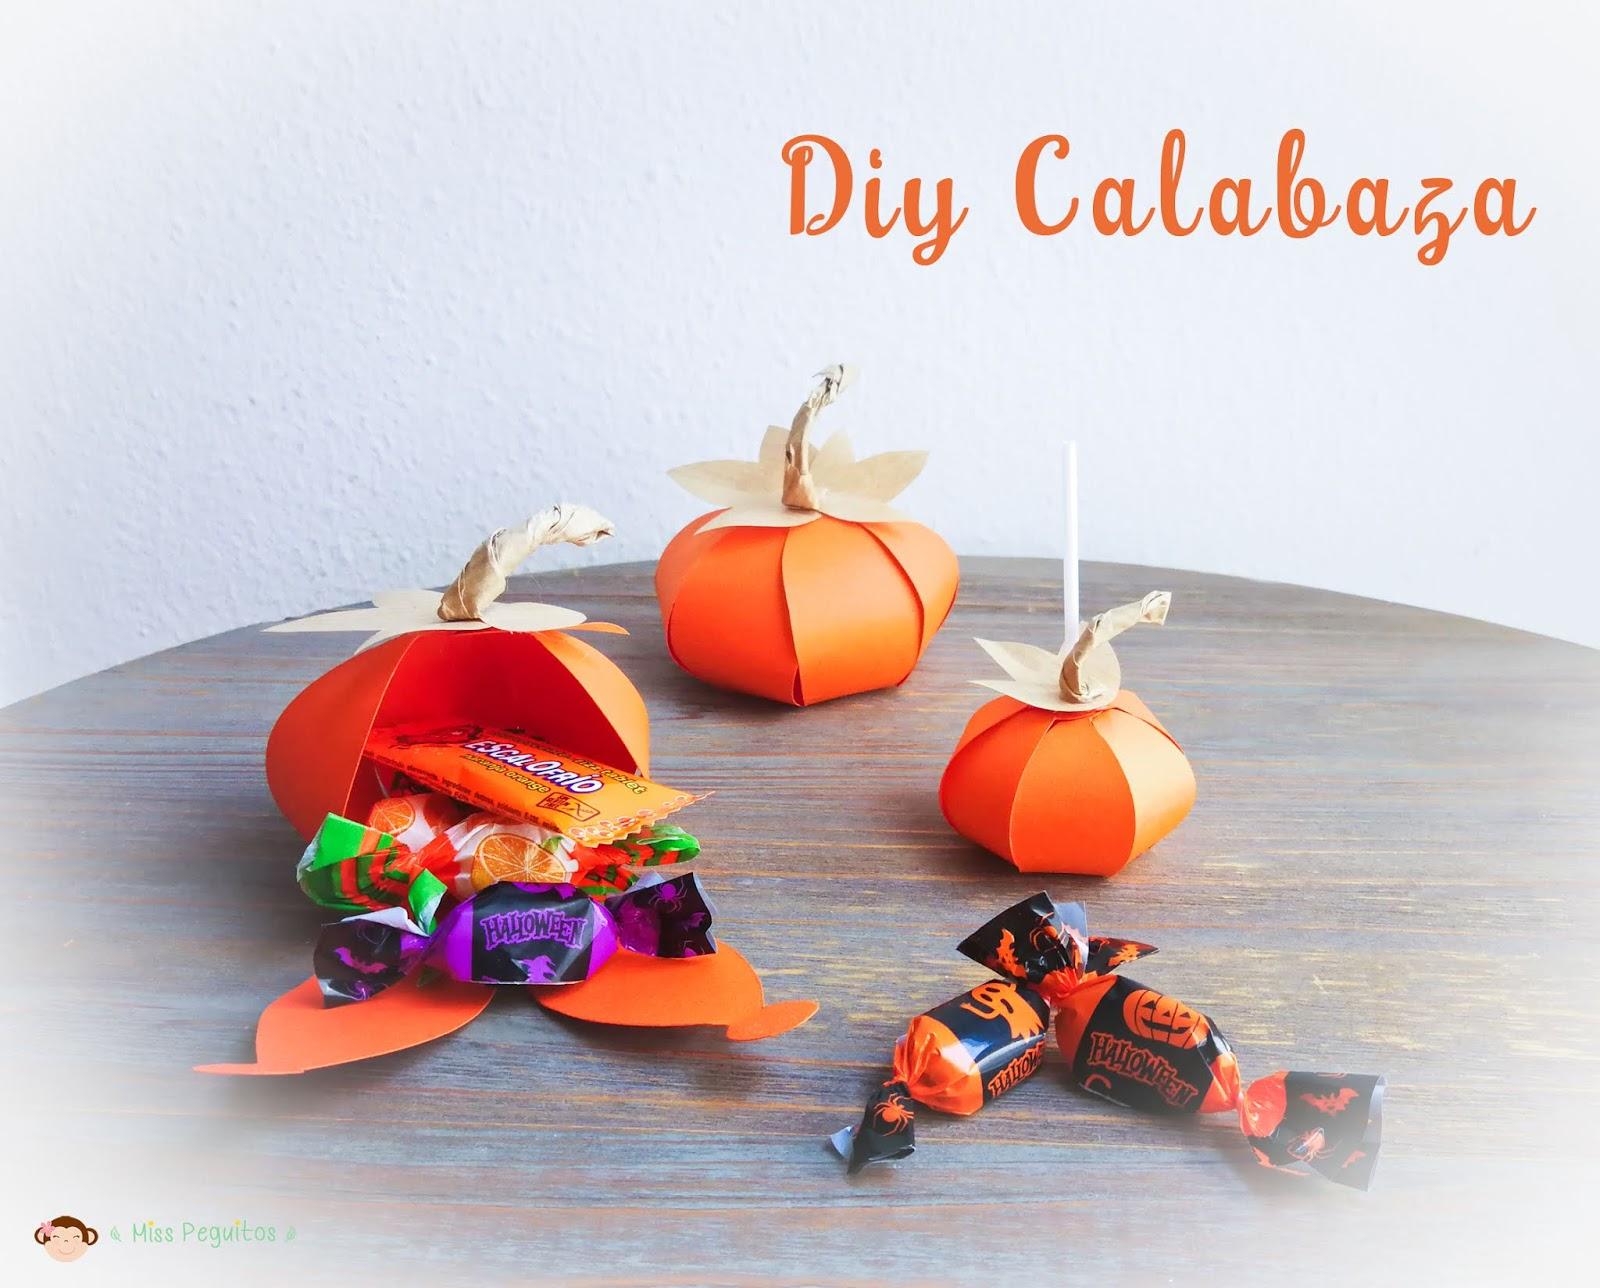 Diy Calabaza De Papel Freebies Handbox Craft Lovers Comunidad - Calabaza-de-papel